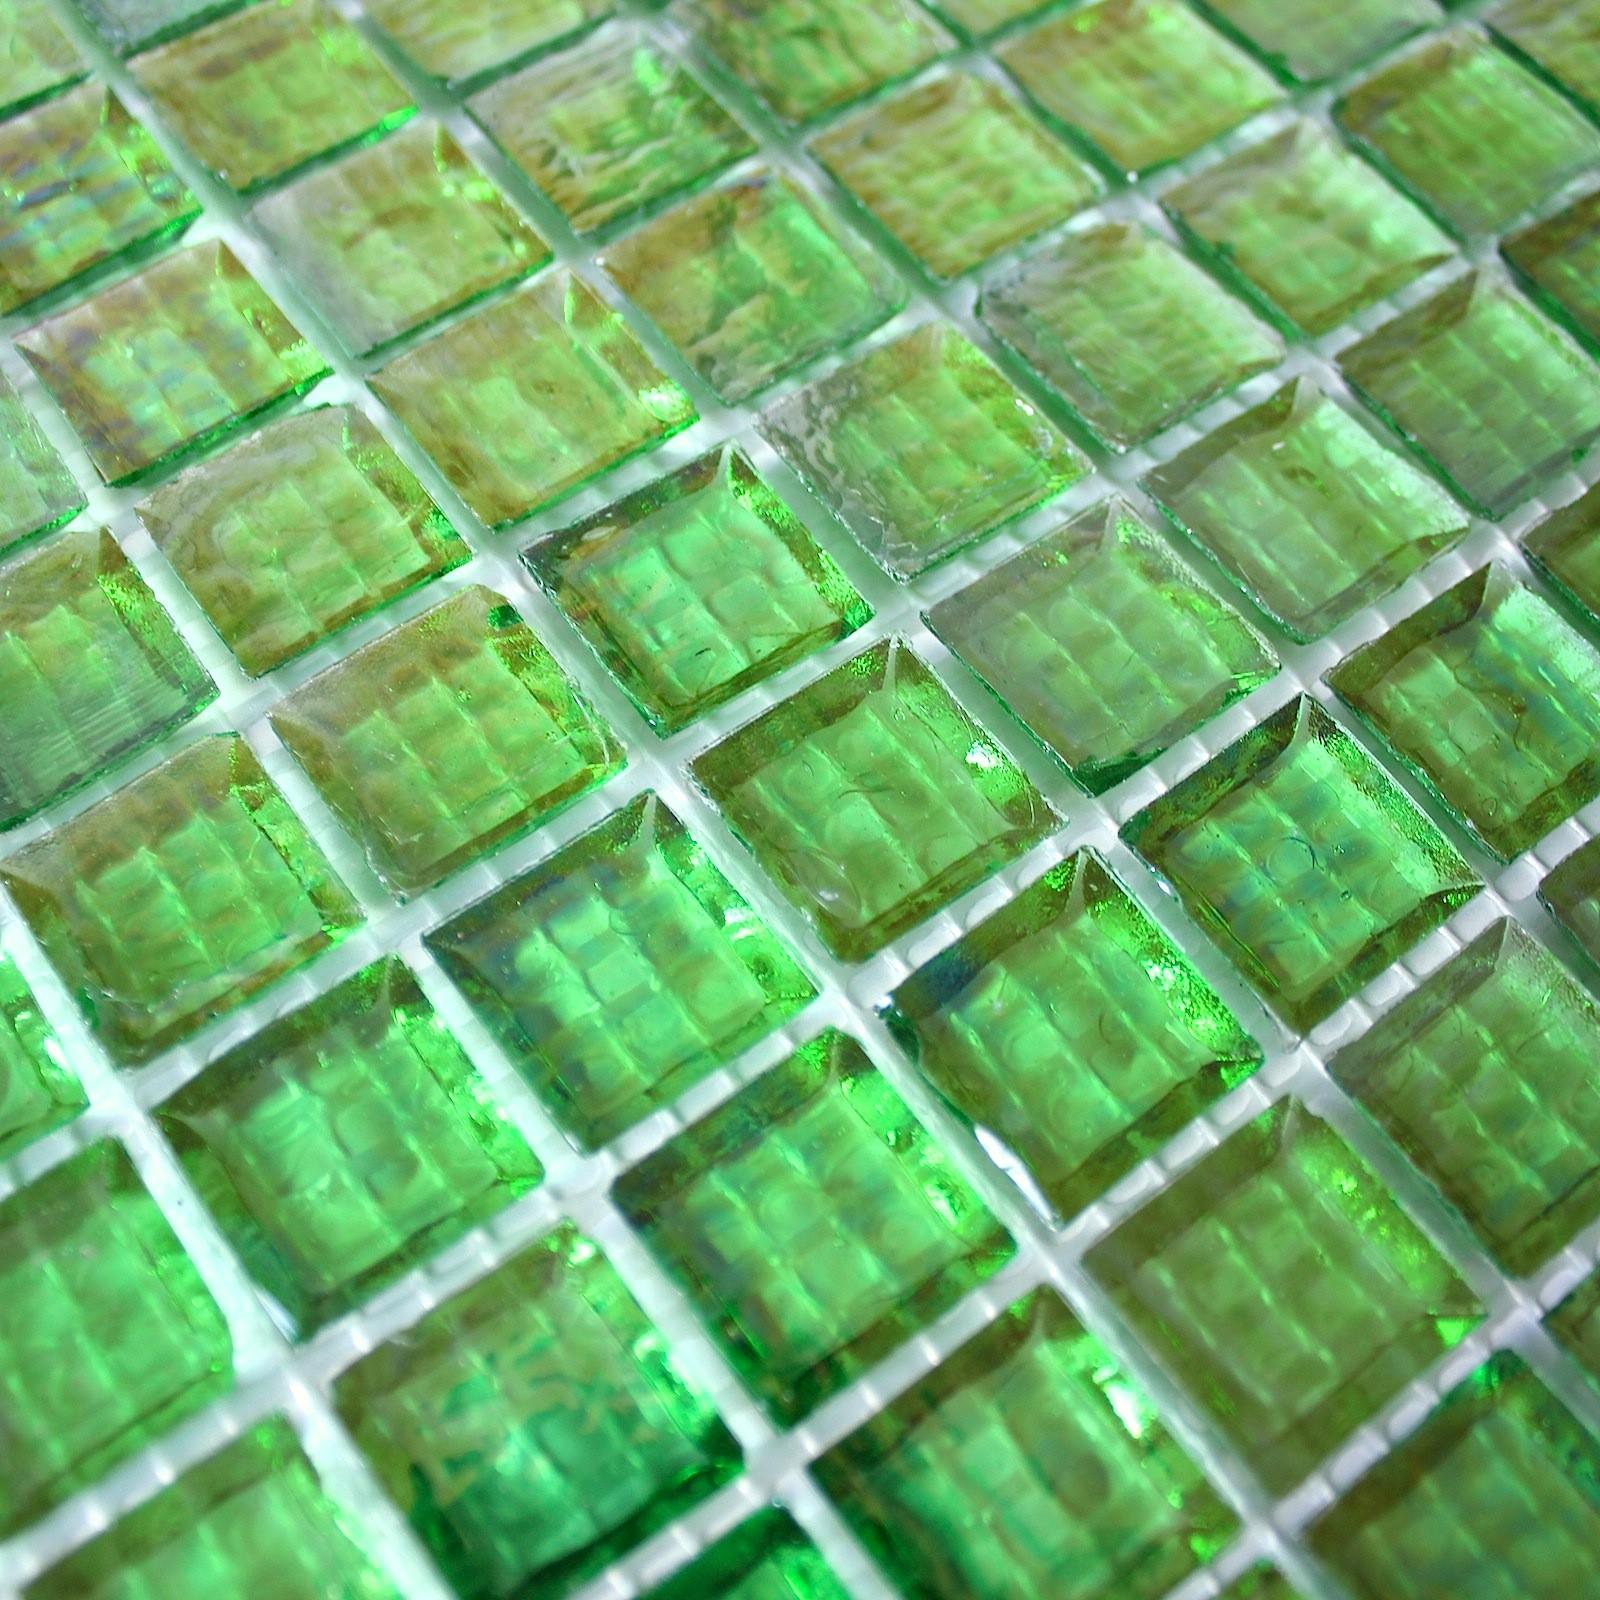 mosaique carrelage verre 1 plaque crytal vert 1sqm - carrelage-mosaique